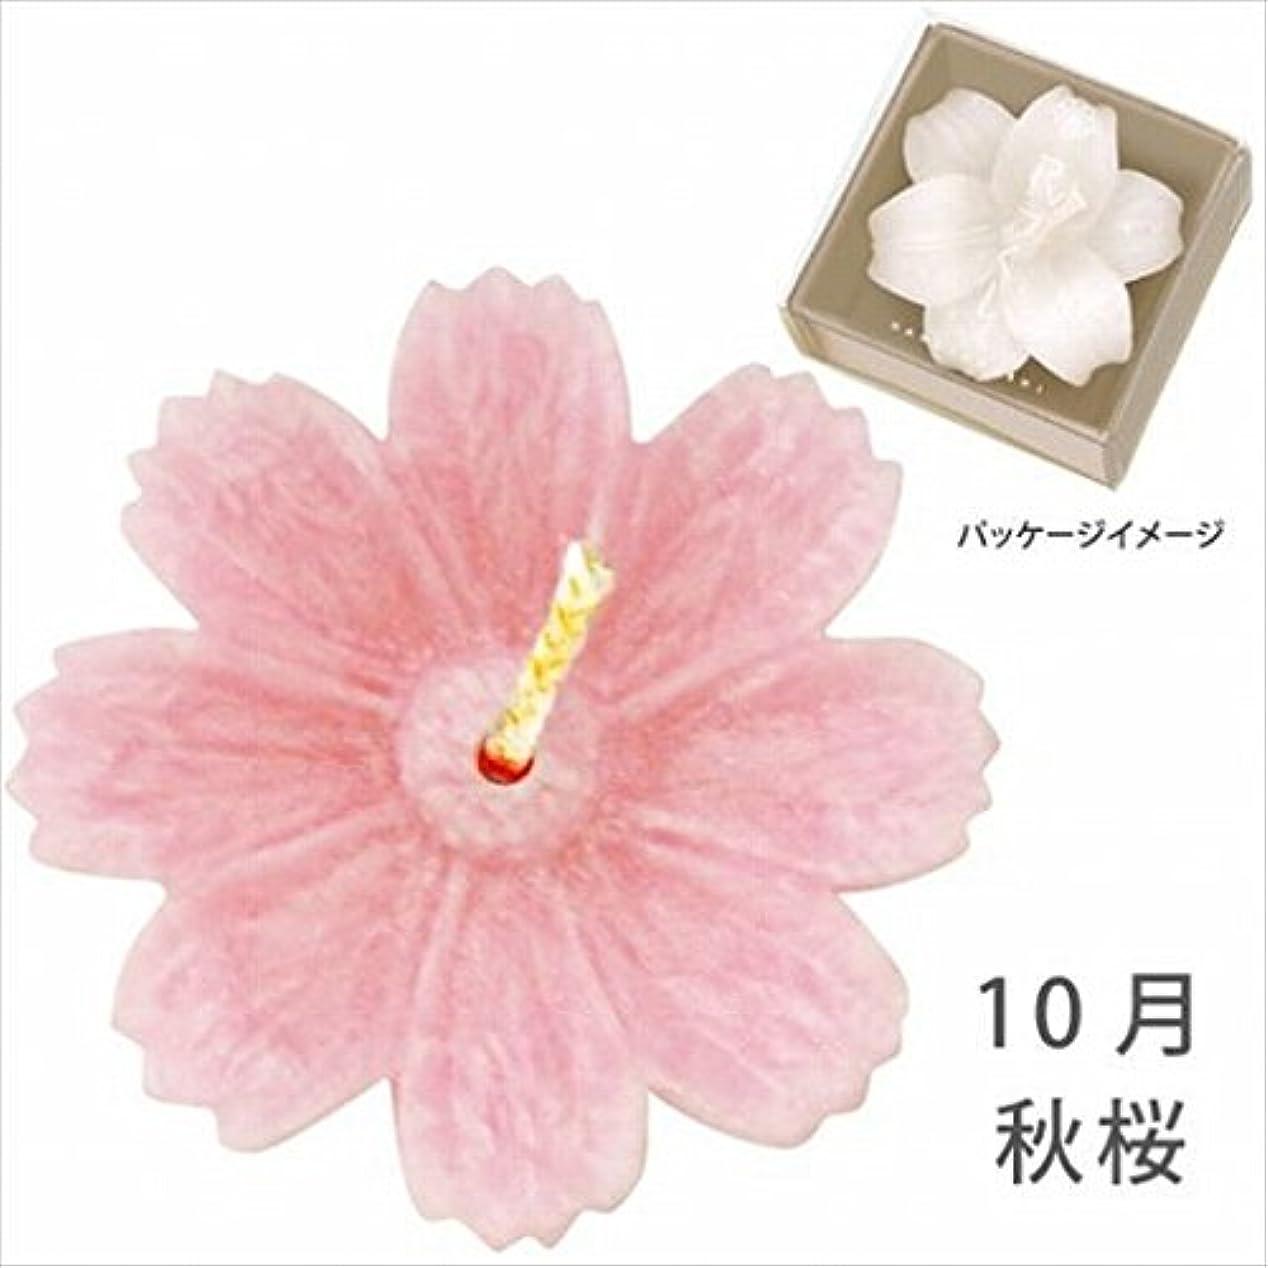 カメヤマキャンドル(kameyama candle) 花づくし(植物性) 秋桜 「 秋桜(10月) 」 キャンドル